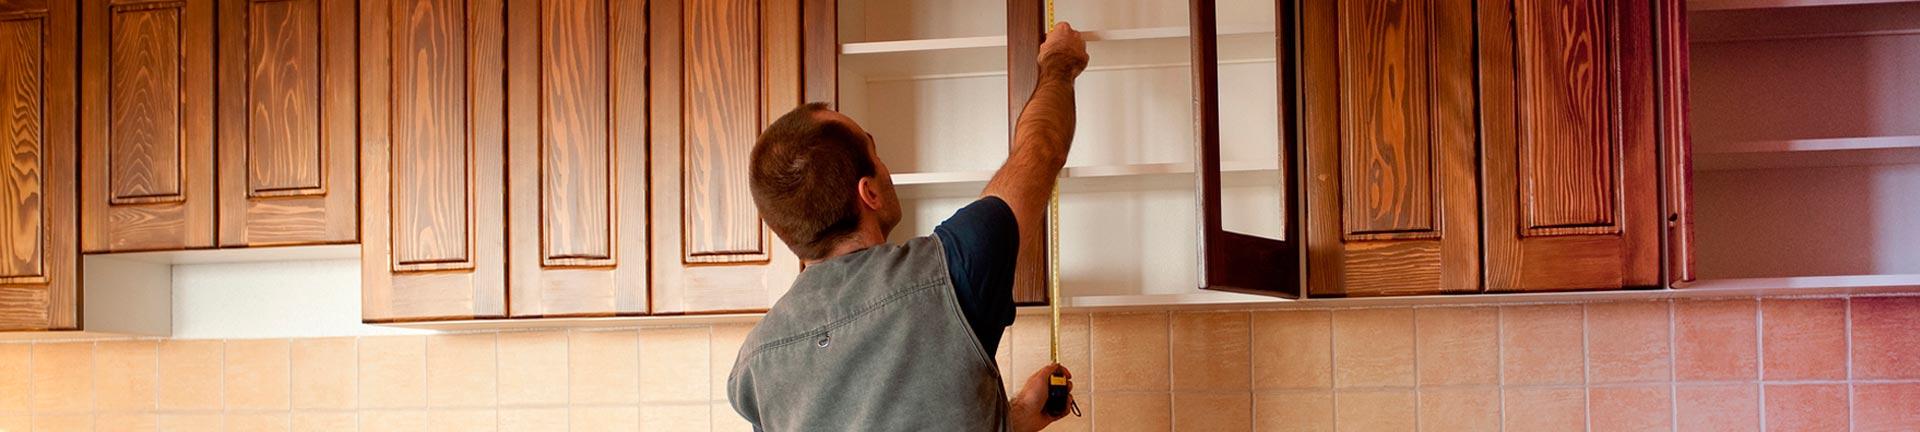 kitchen remodeling kitchen remodeling nj Banner